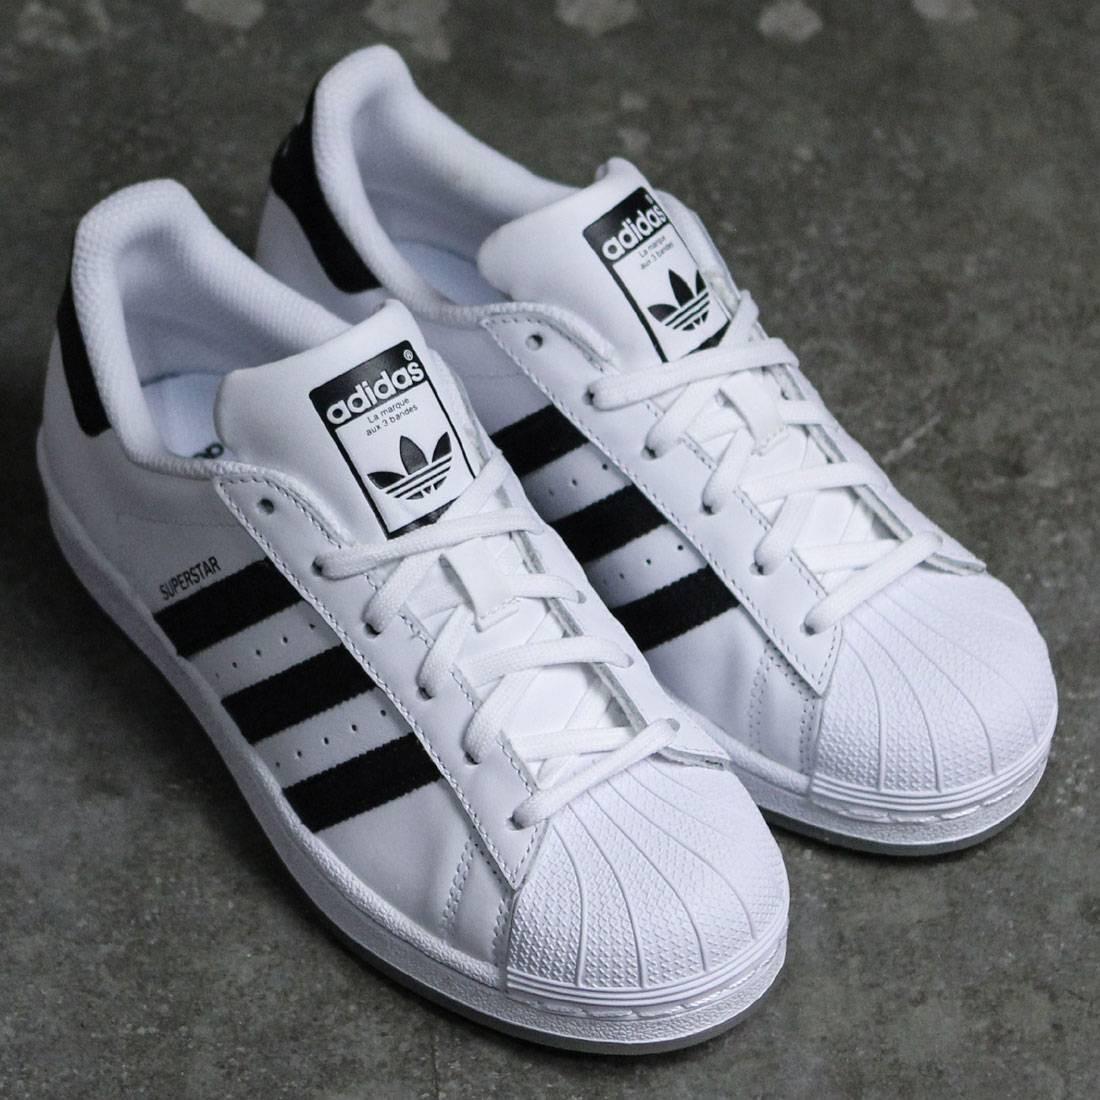 adidas superstar blancas con negro